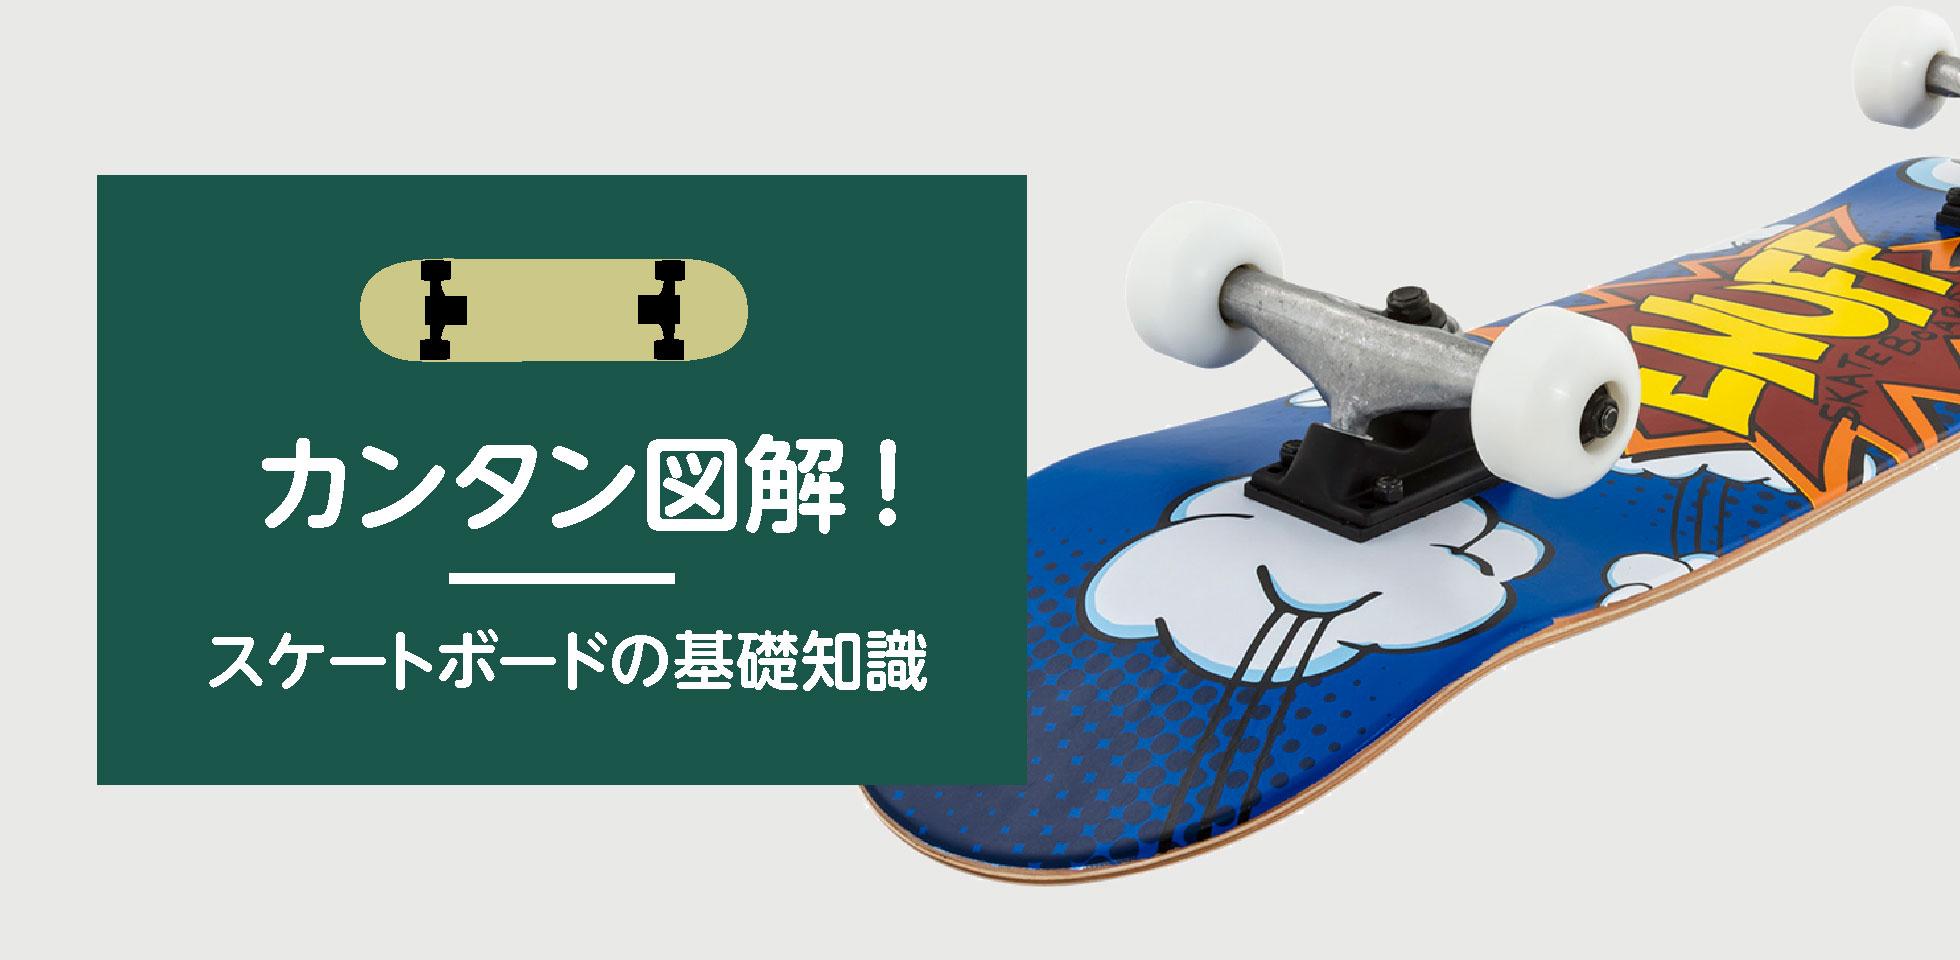 カンタン図解!スケートボードの基礎知識